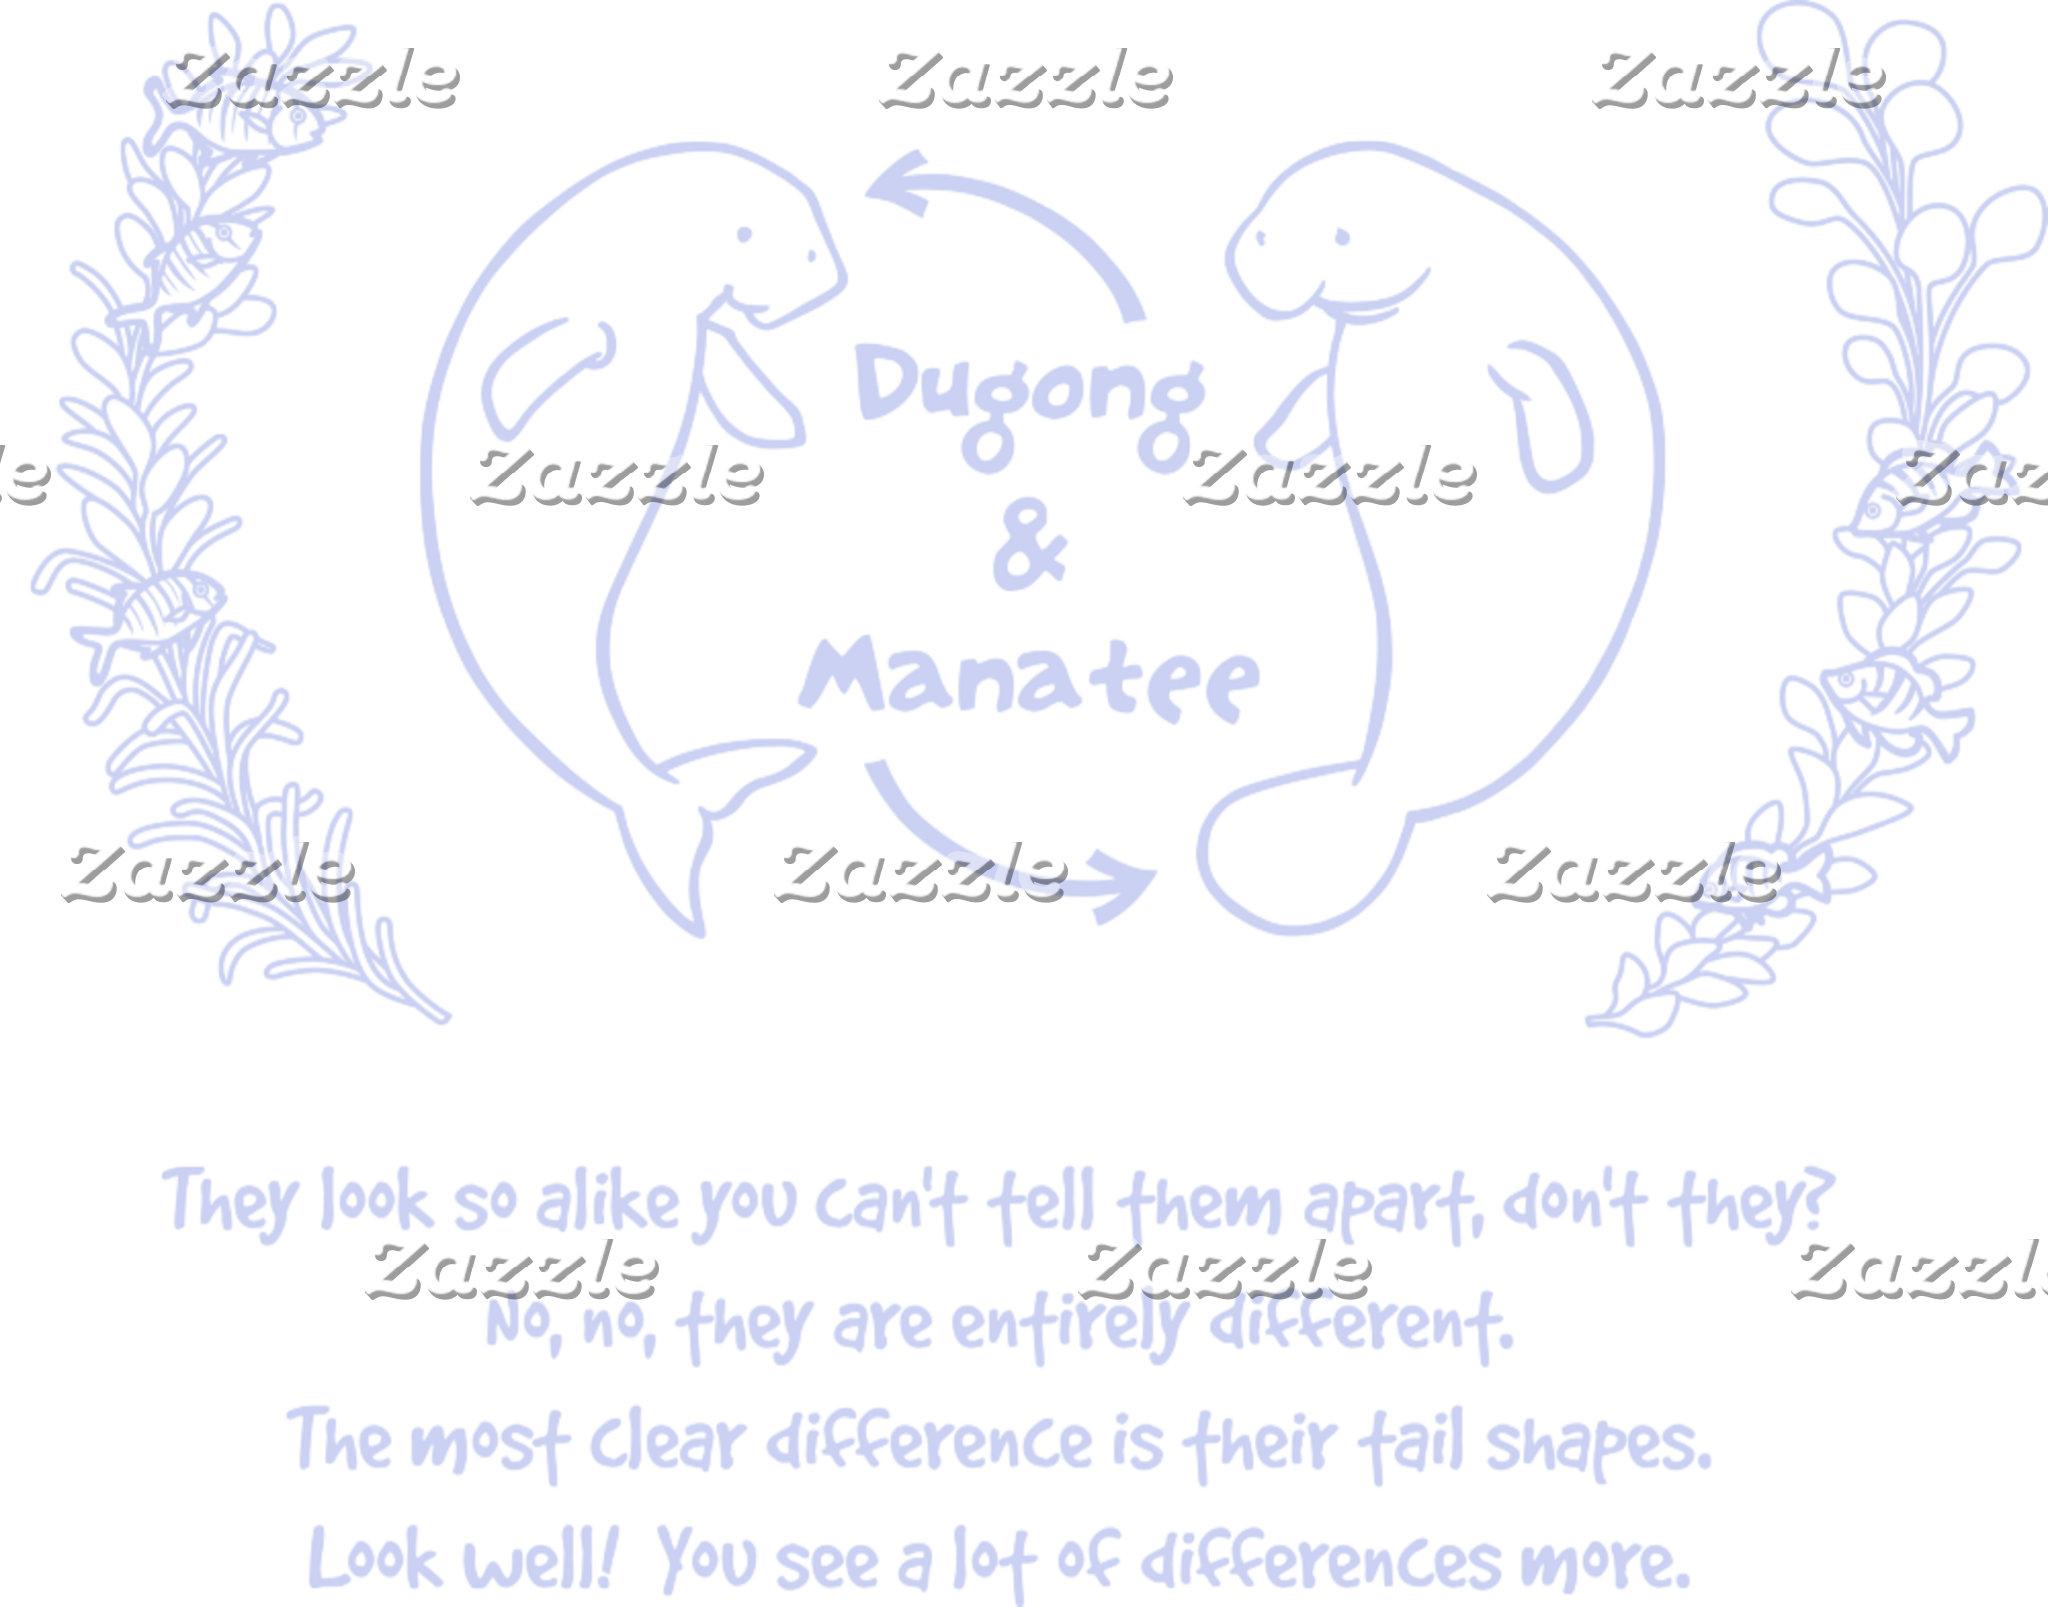 【ジュゴンとマナティー(薄紺)】 Dugong & Manatee (pale blue)